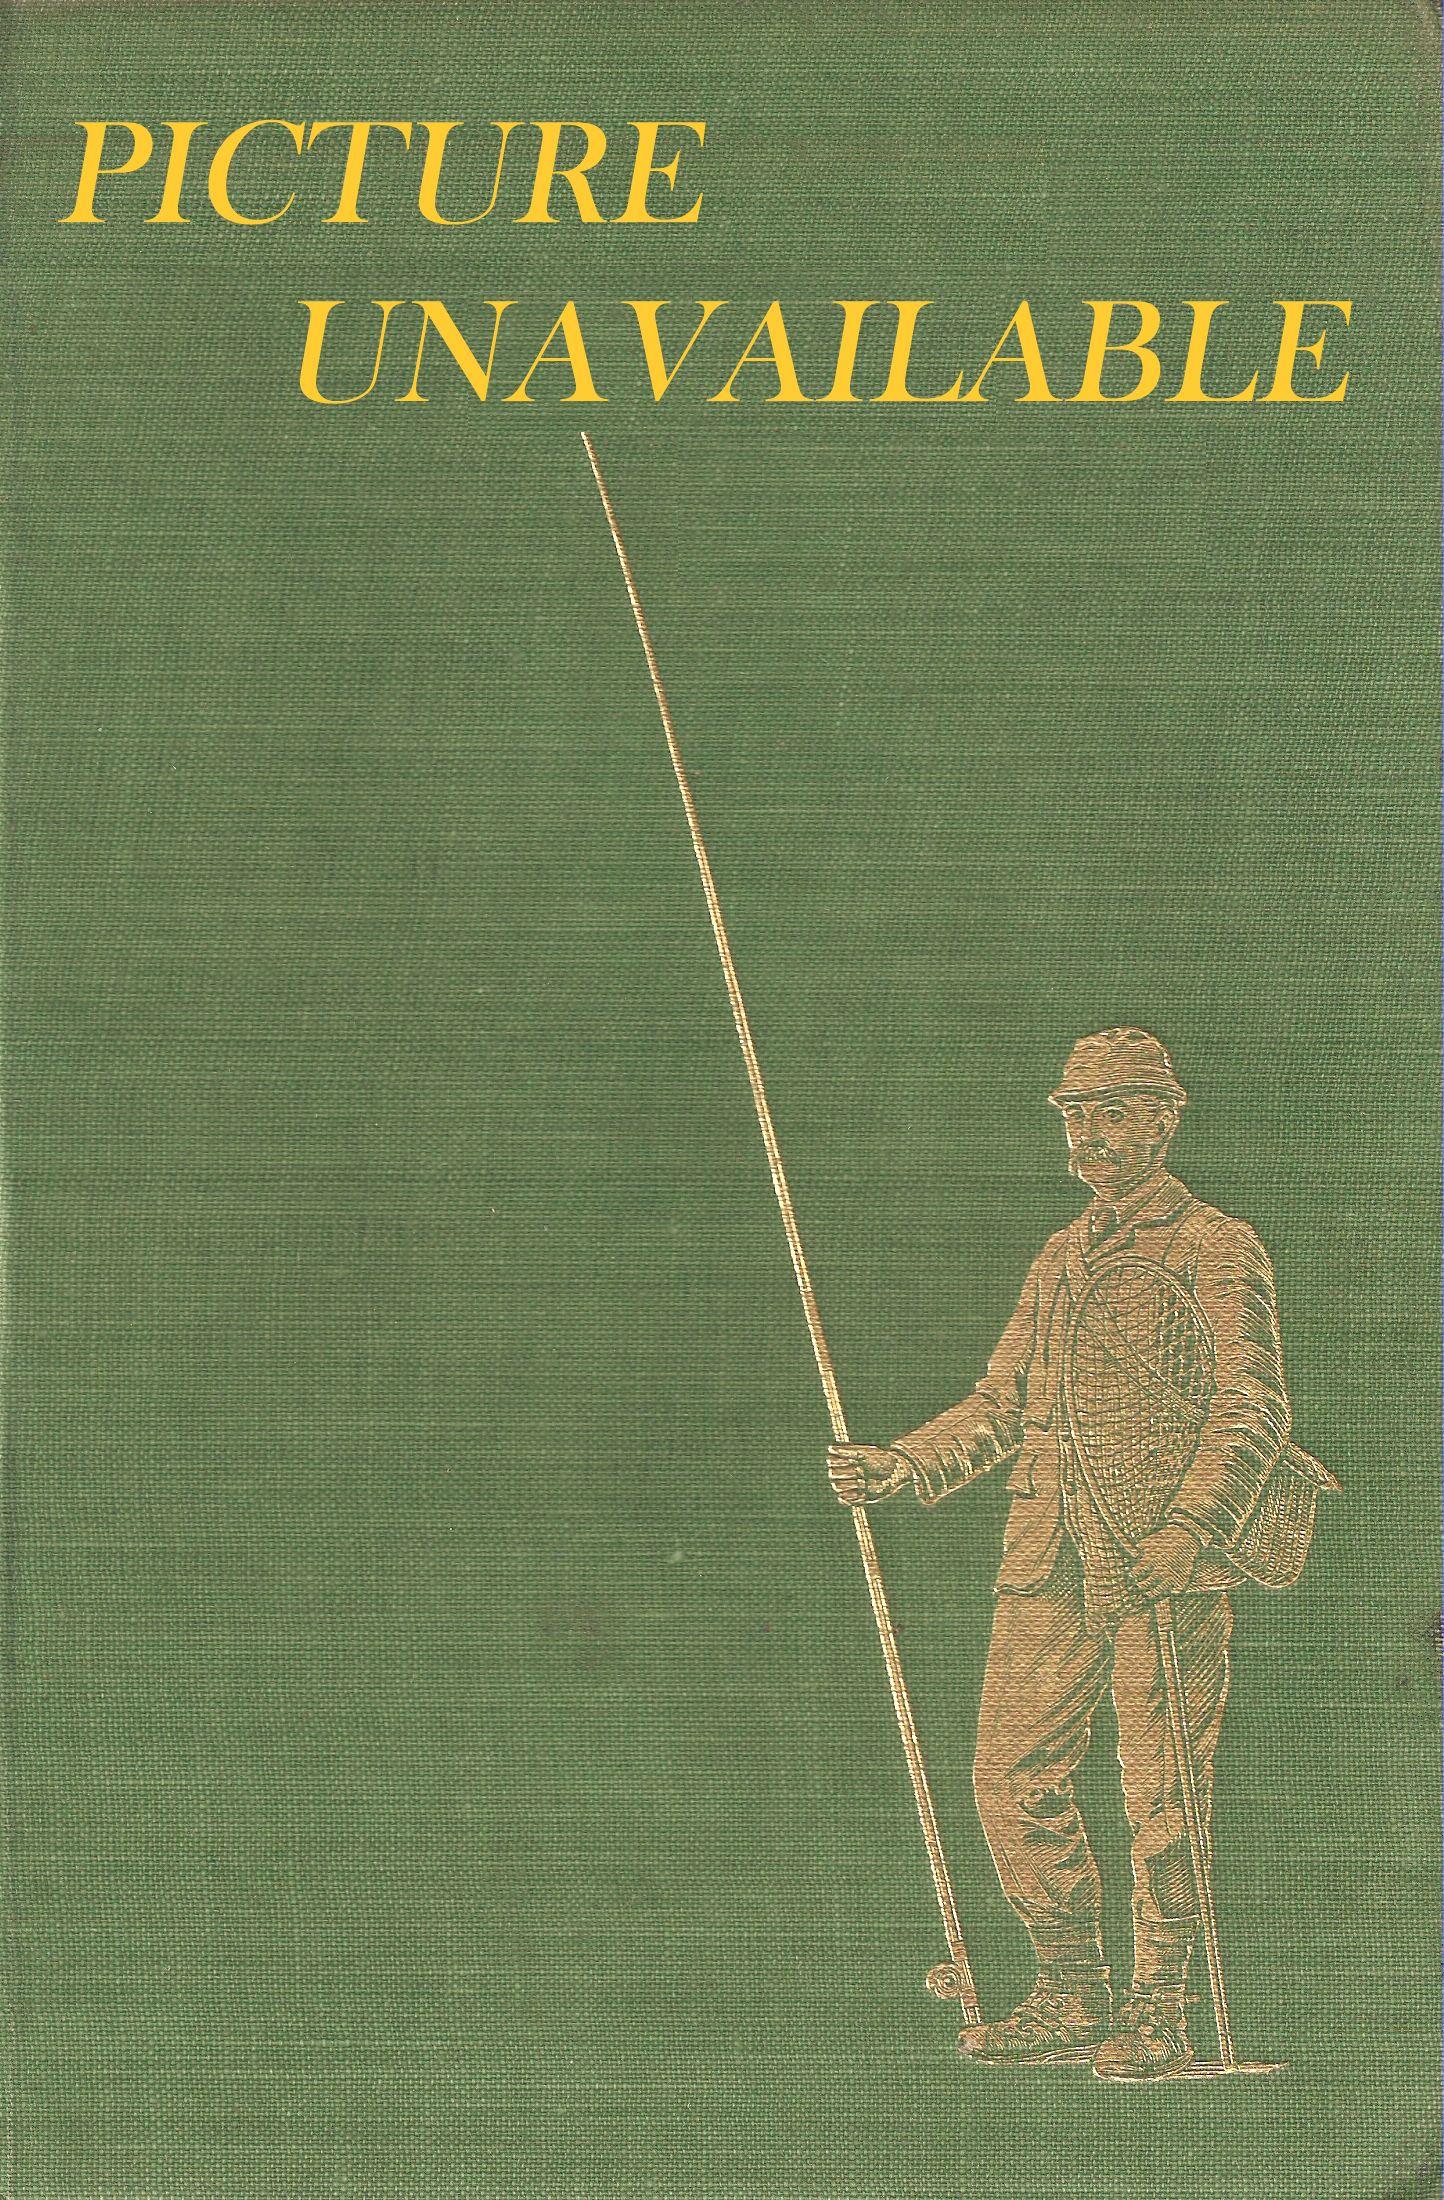 SHREWS OF THE BRITISH ISLES. By Sara Churchfield. Shire Natural History  series no. 30.